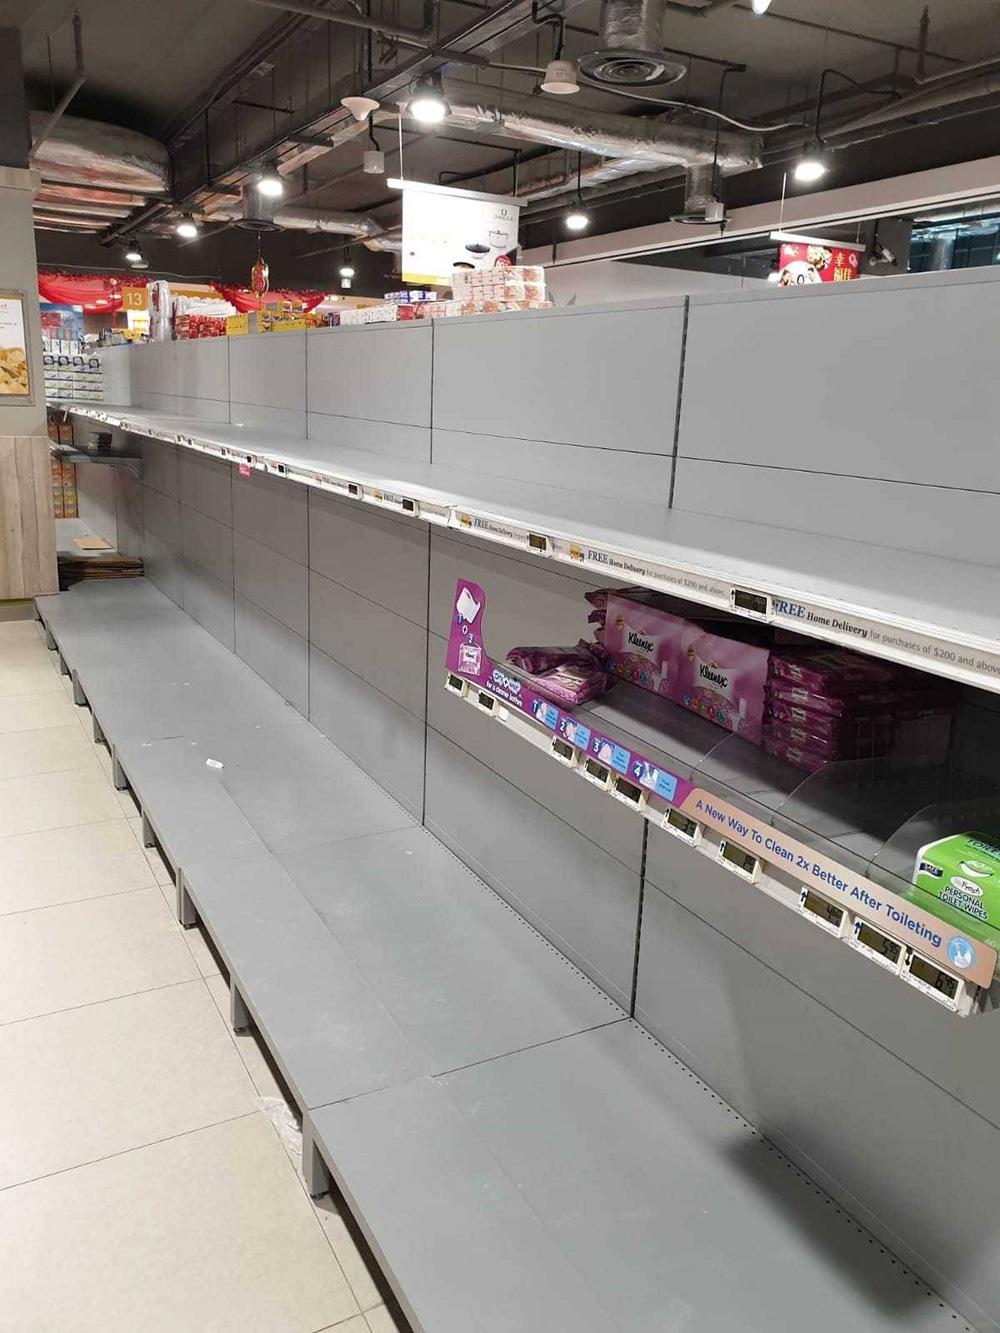 Vét sạch siêu thị giữa dịch viêm phổi - Ảnh 6.